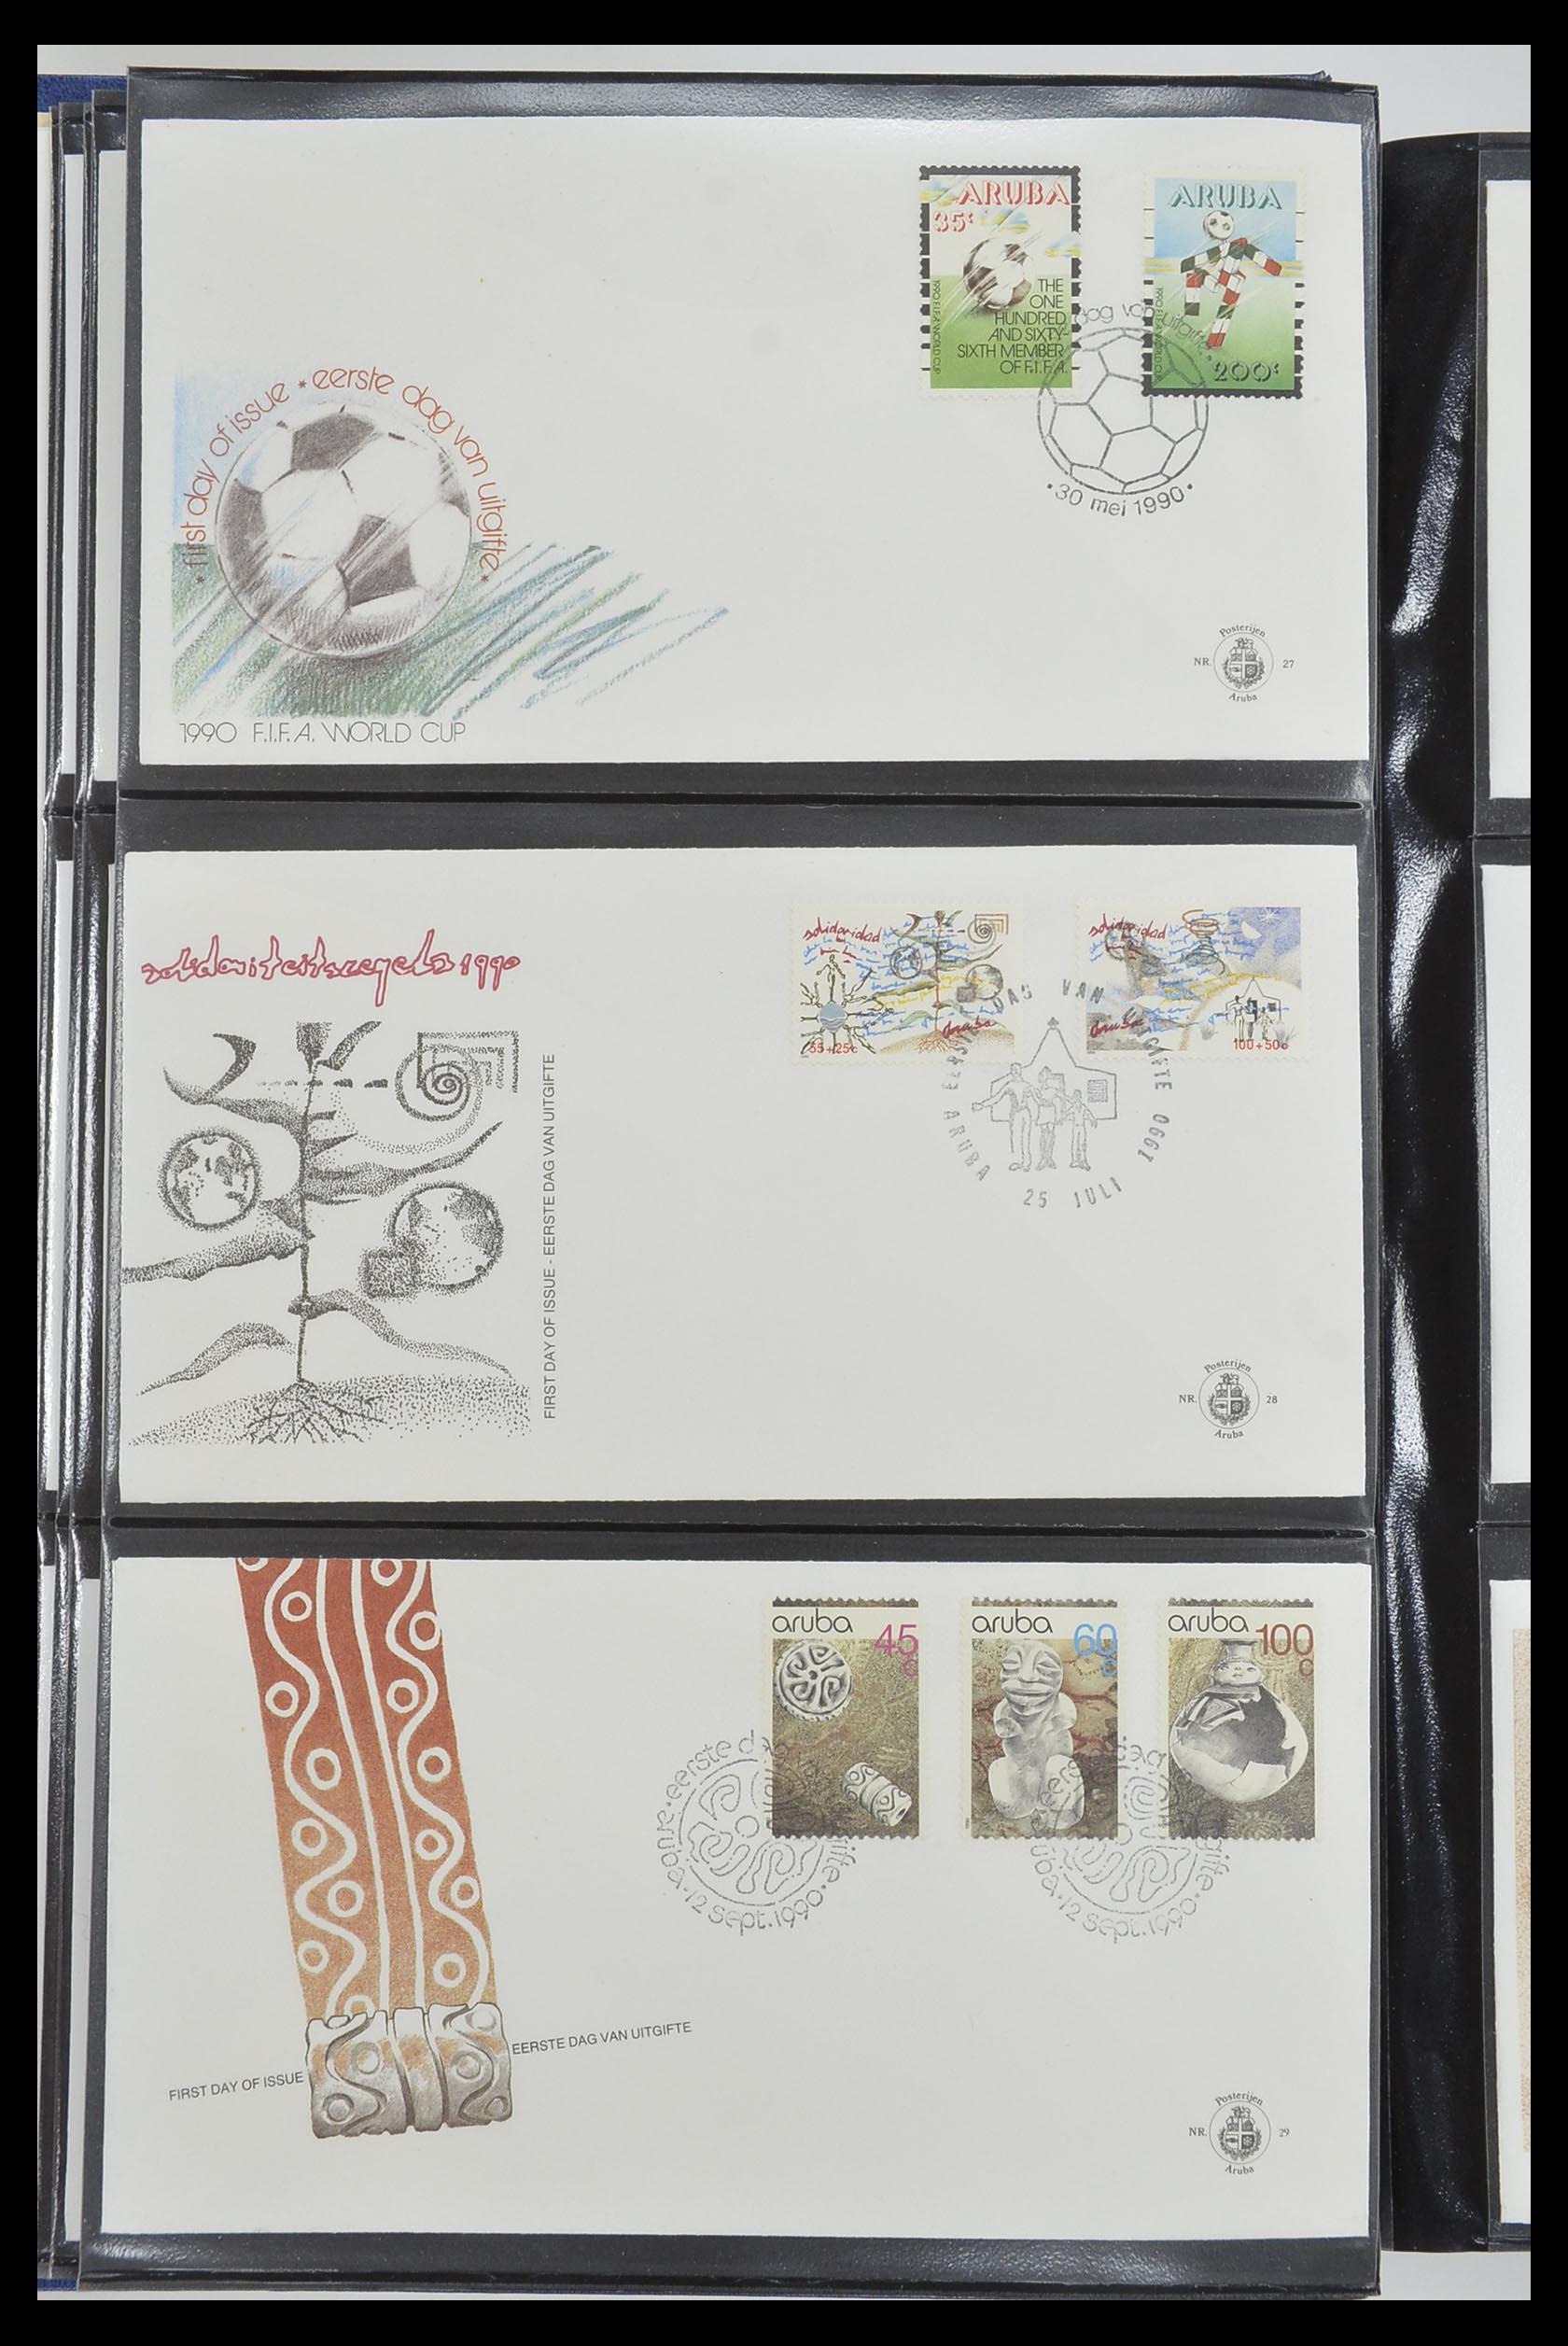 33585 010 - Postzegelverzameling 33585 Aruba FDC's 1986-2006.